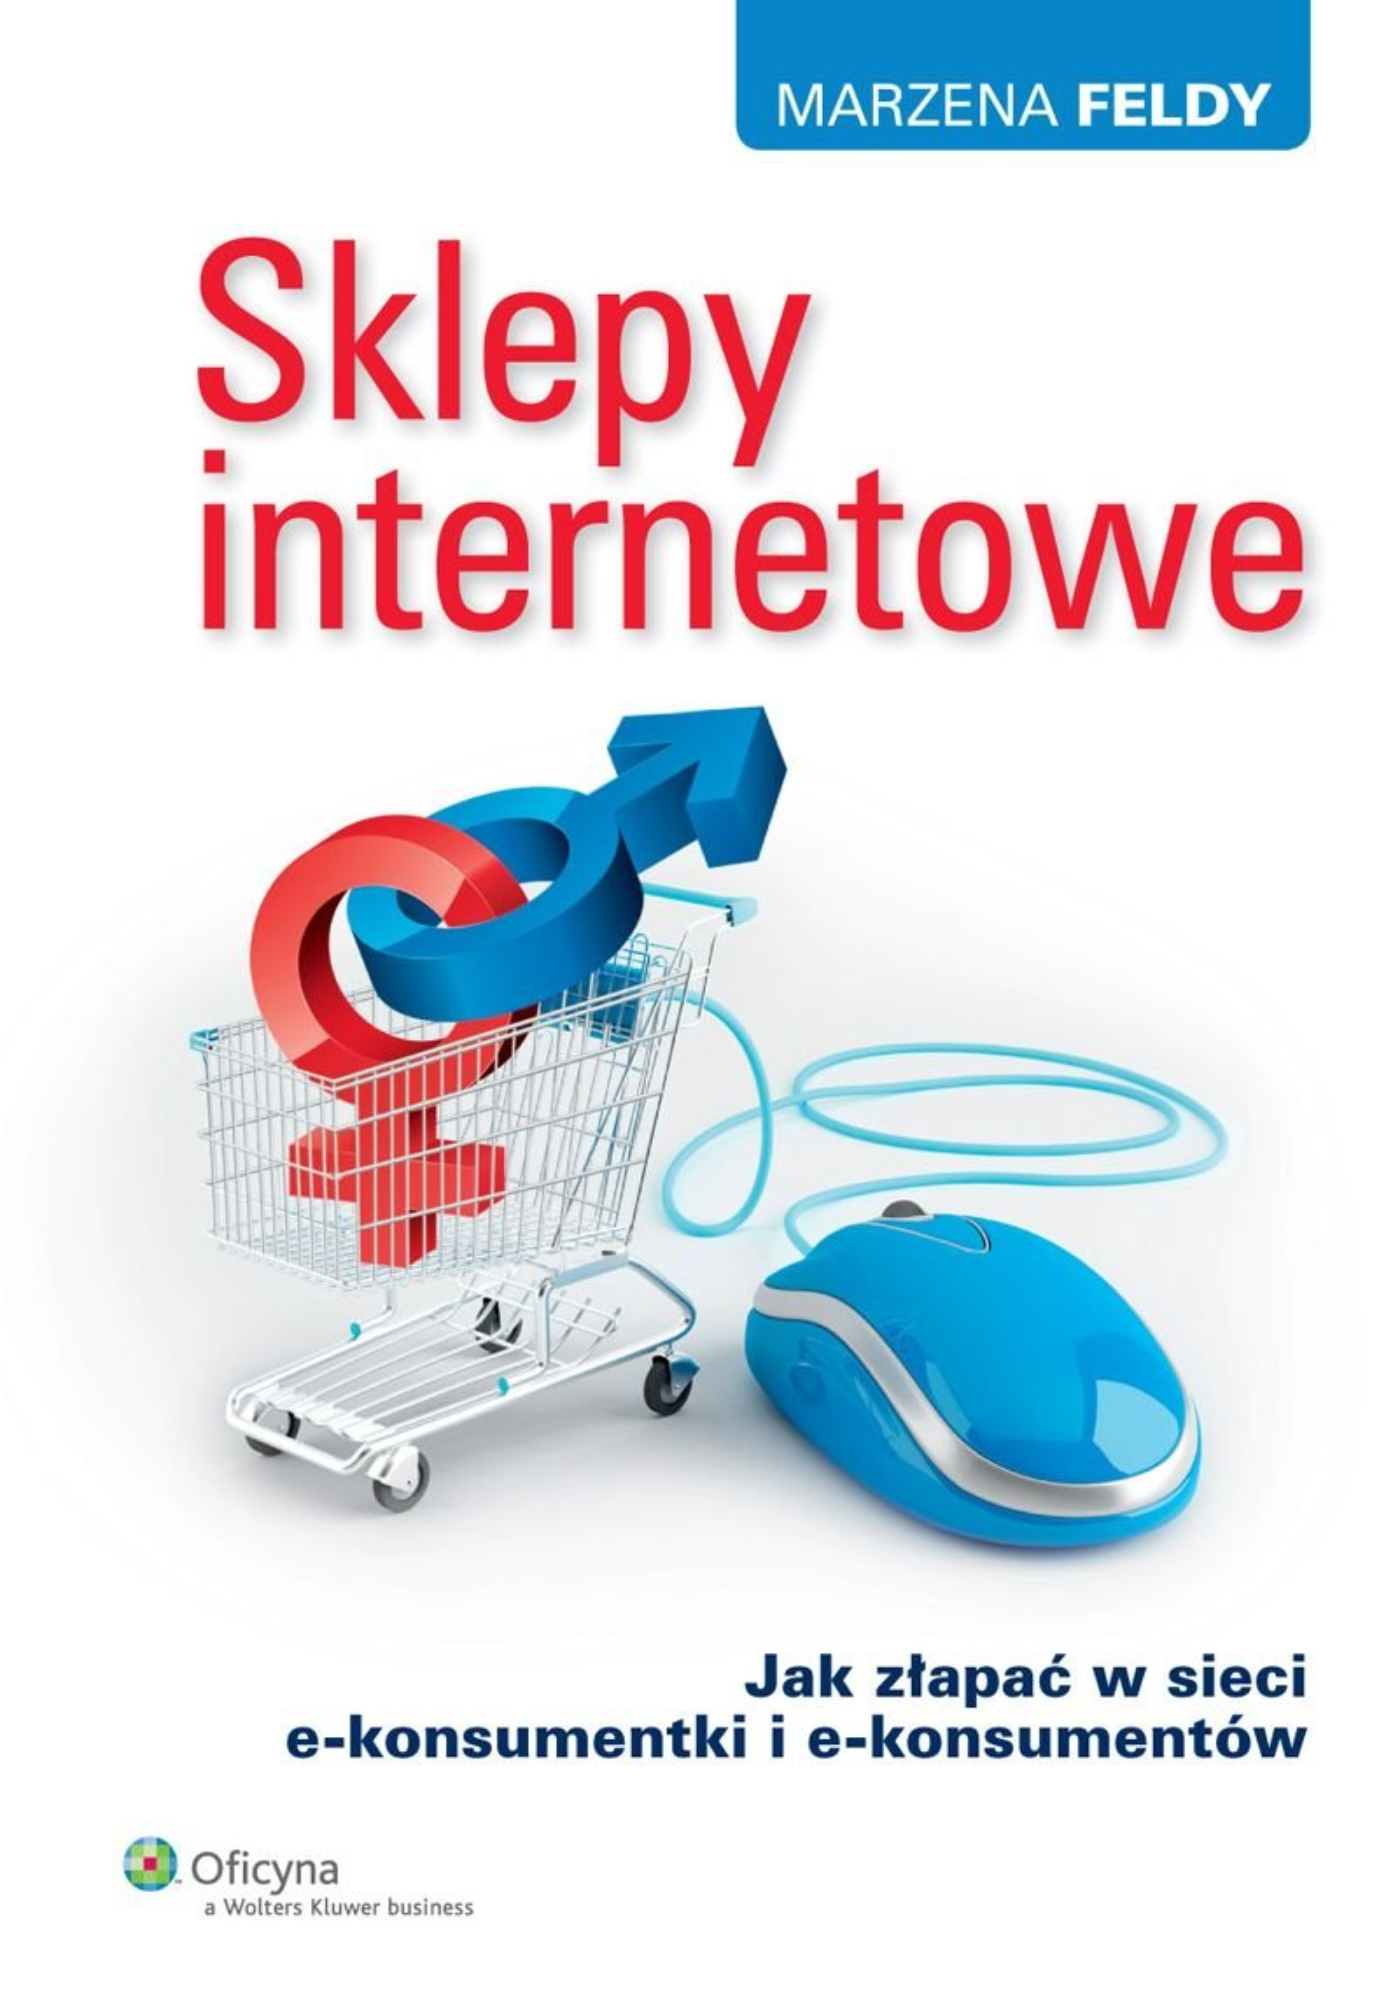 Sklepy internetowe. Jak złapać w sieci e-konsumentki i e-konsumentów - Ebook (Książka EPUB) do pobrania w formacie EPUB